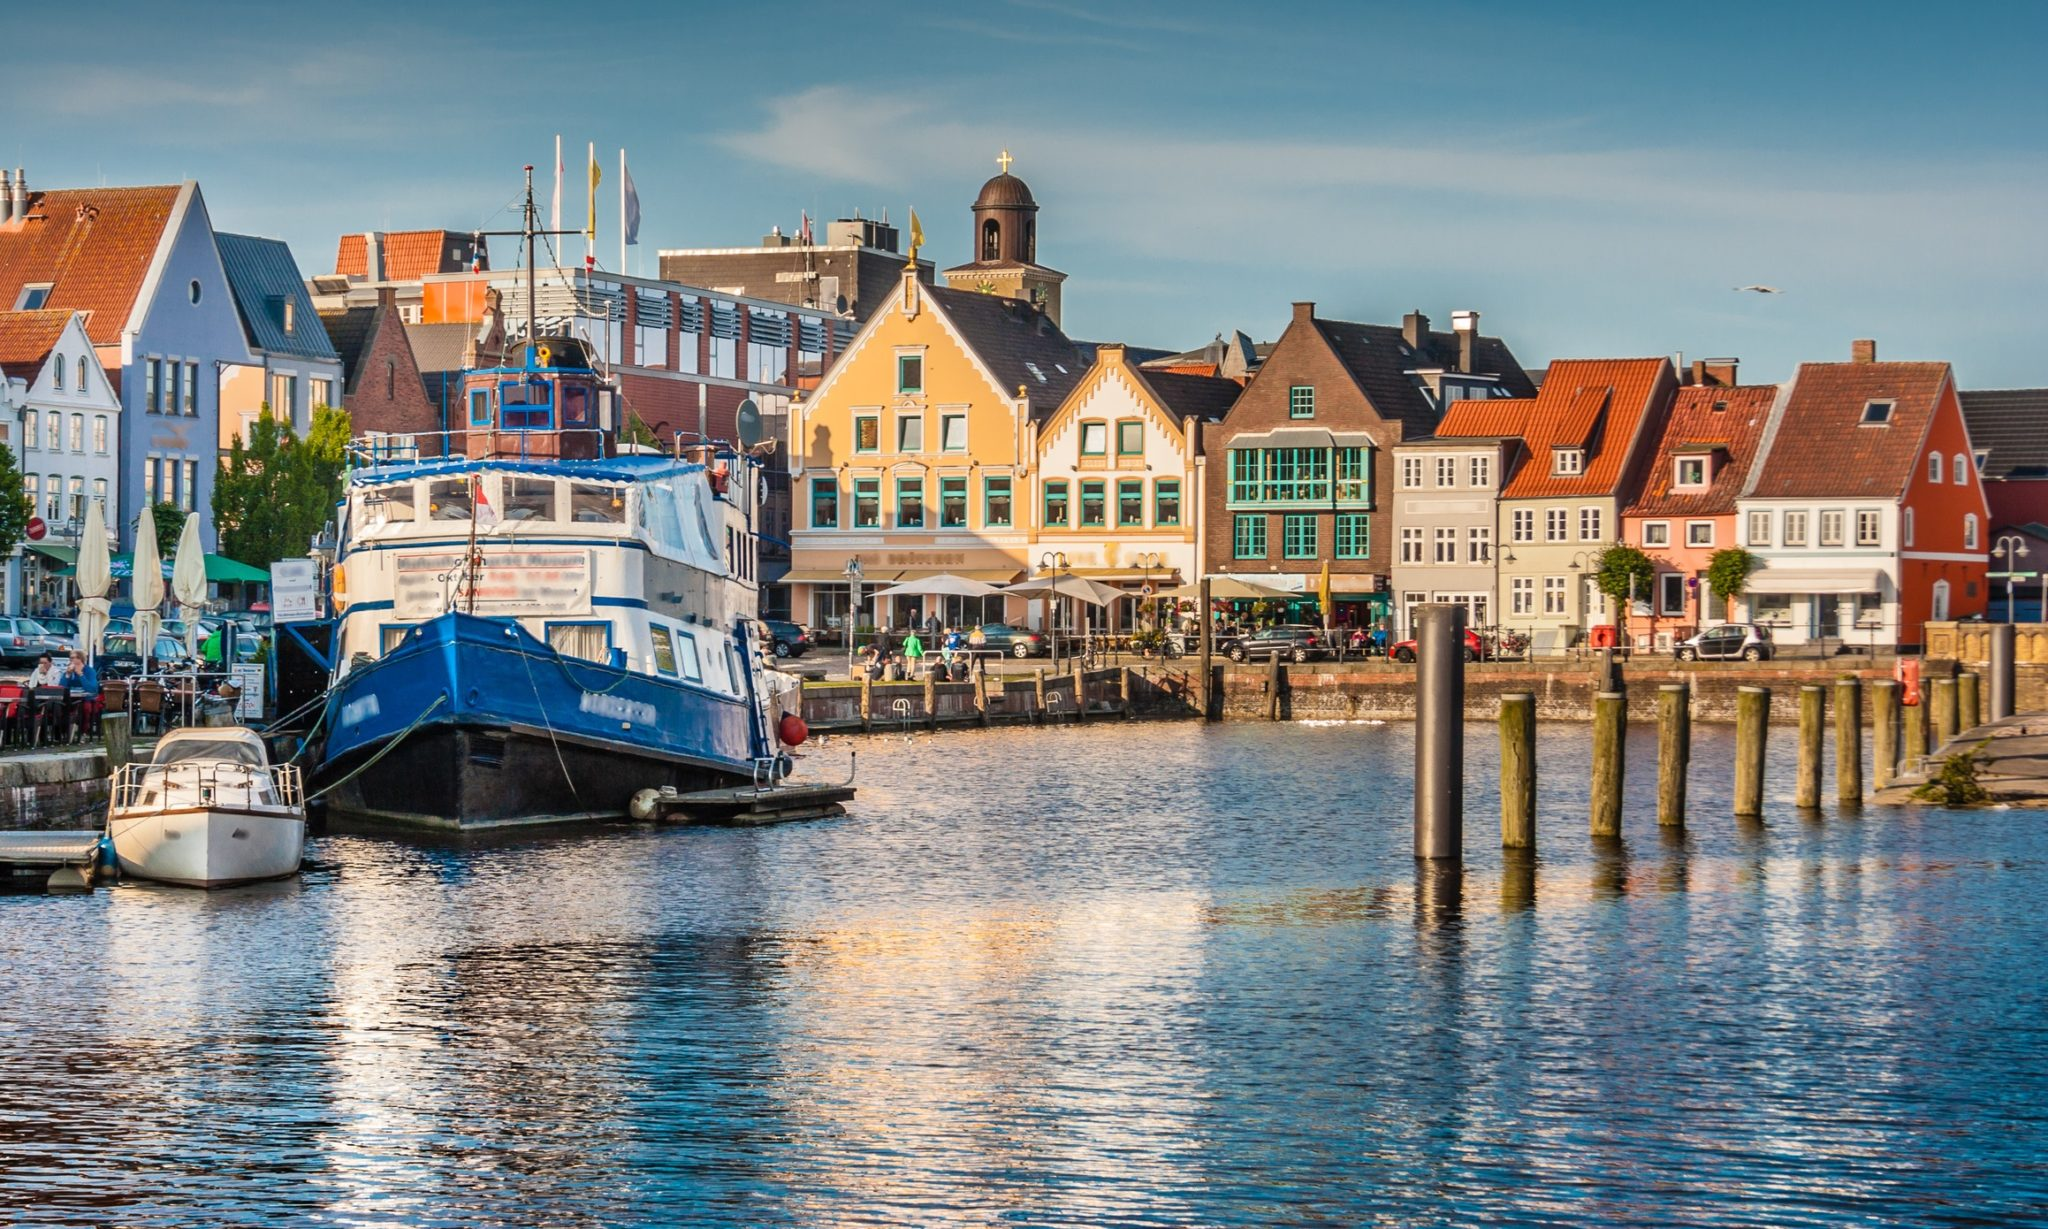 Haushaltsauflösung und Entrümpelung in Flensburg